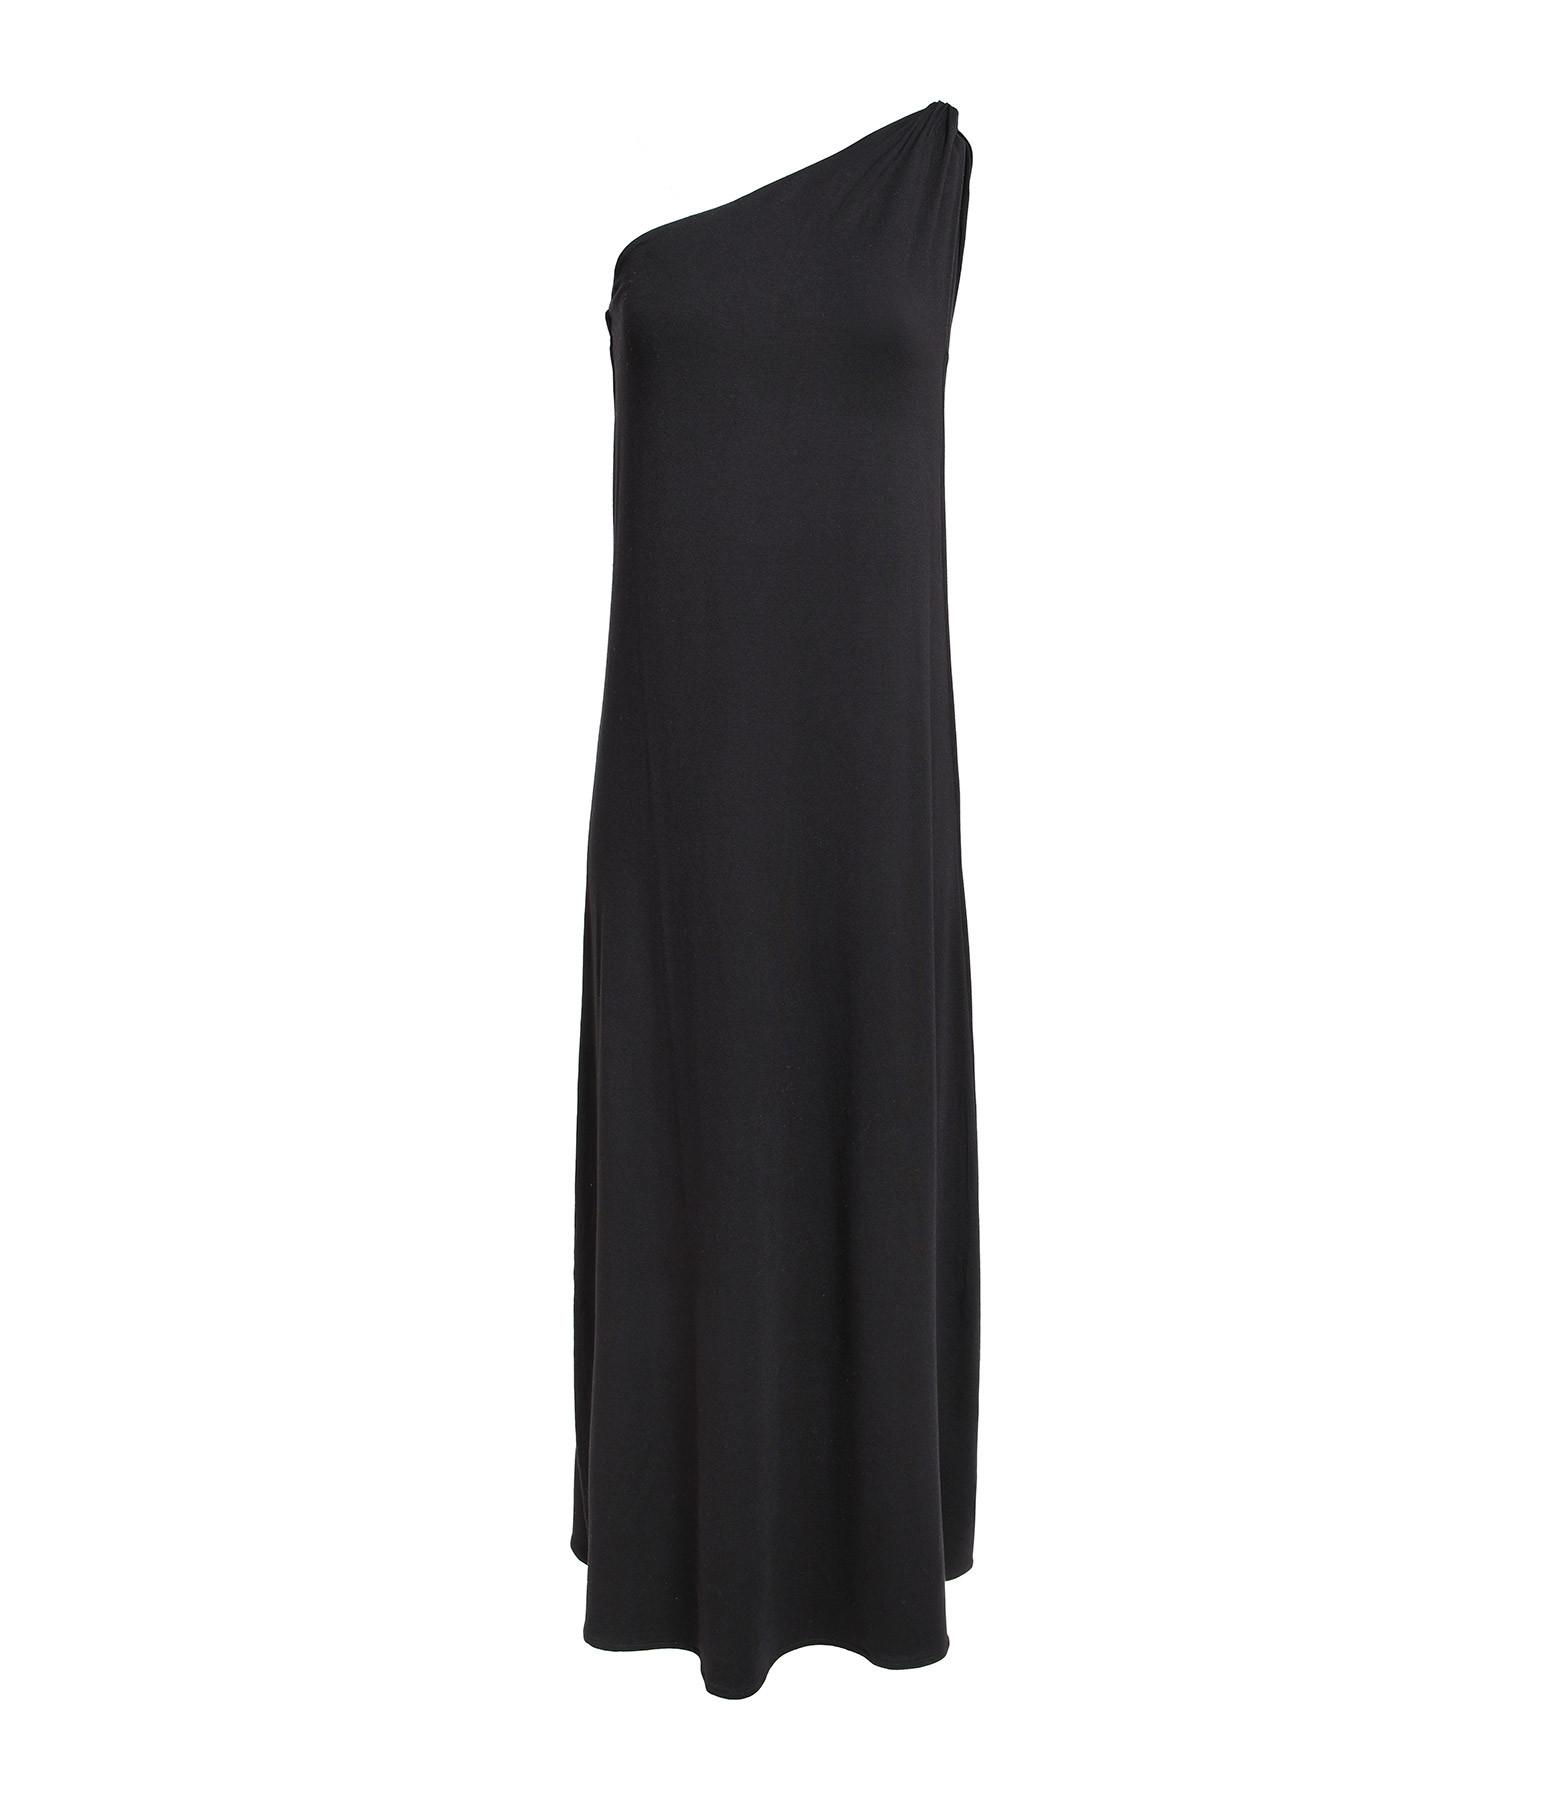 JEANNE VOULAND - Robe Delie One Shoulder Drappée Noir